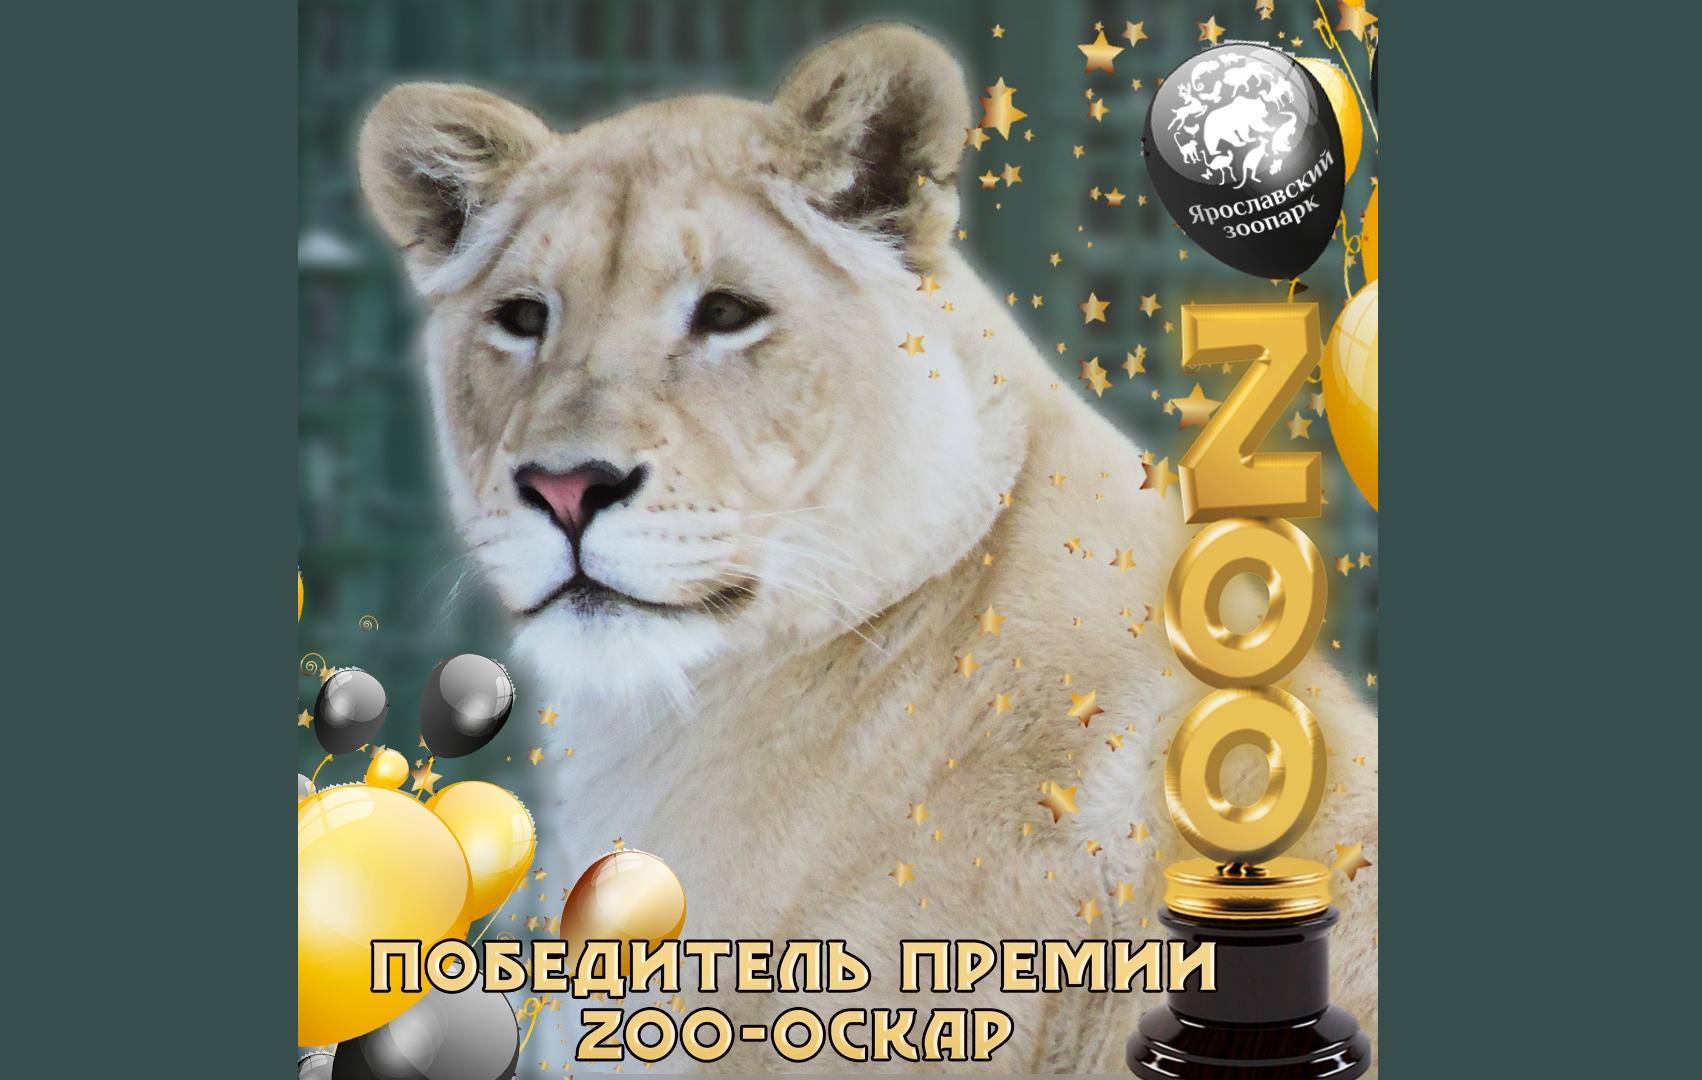 В Ярославском зоопарке назвали обладателя «ZOO-Оскара»